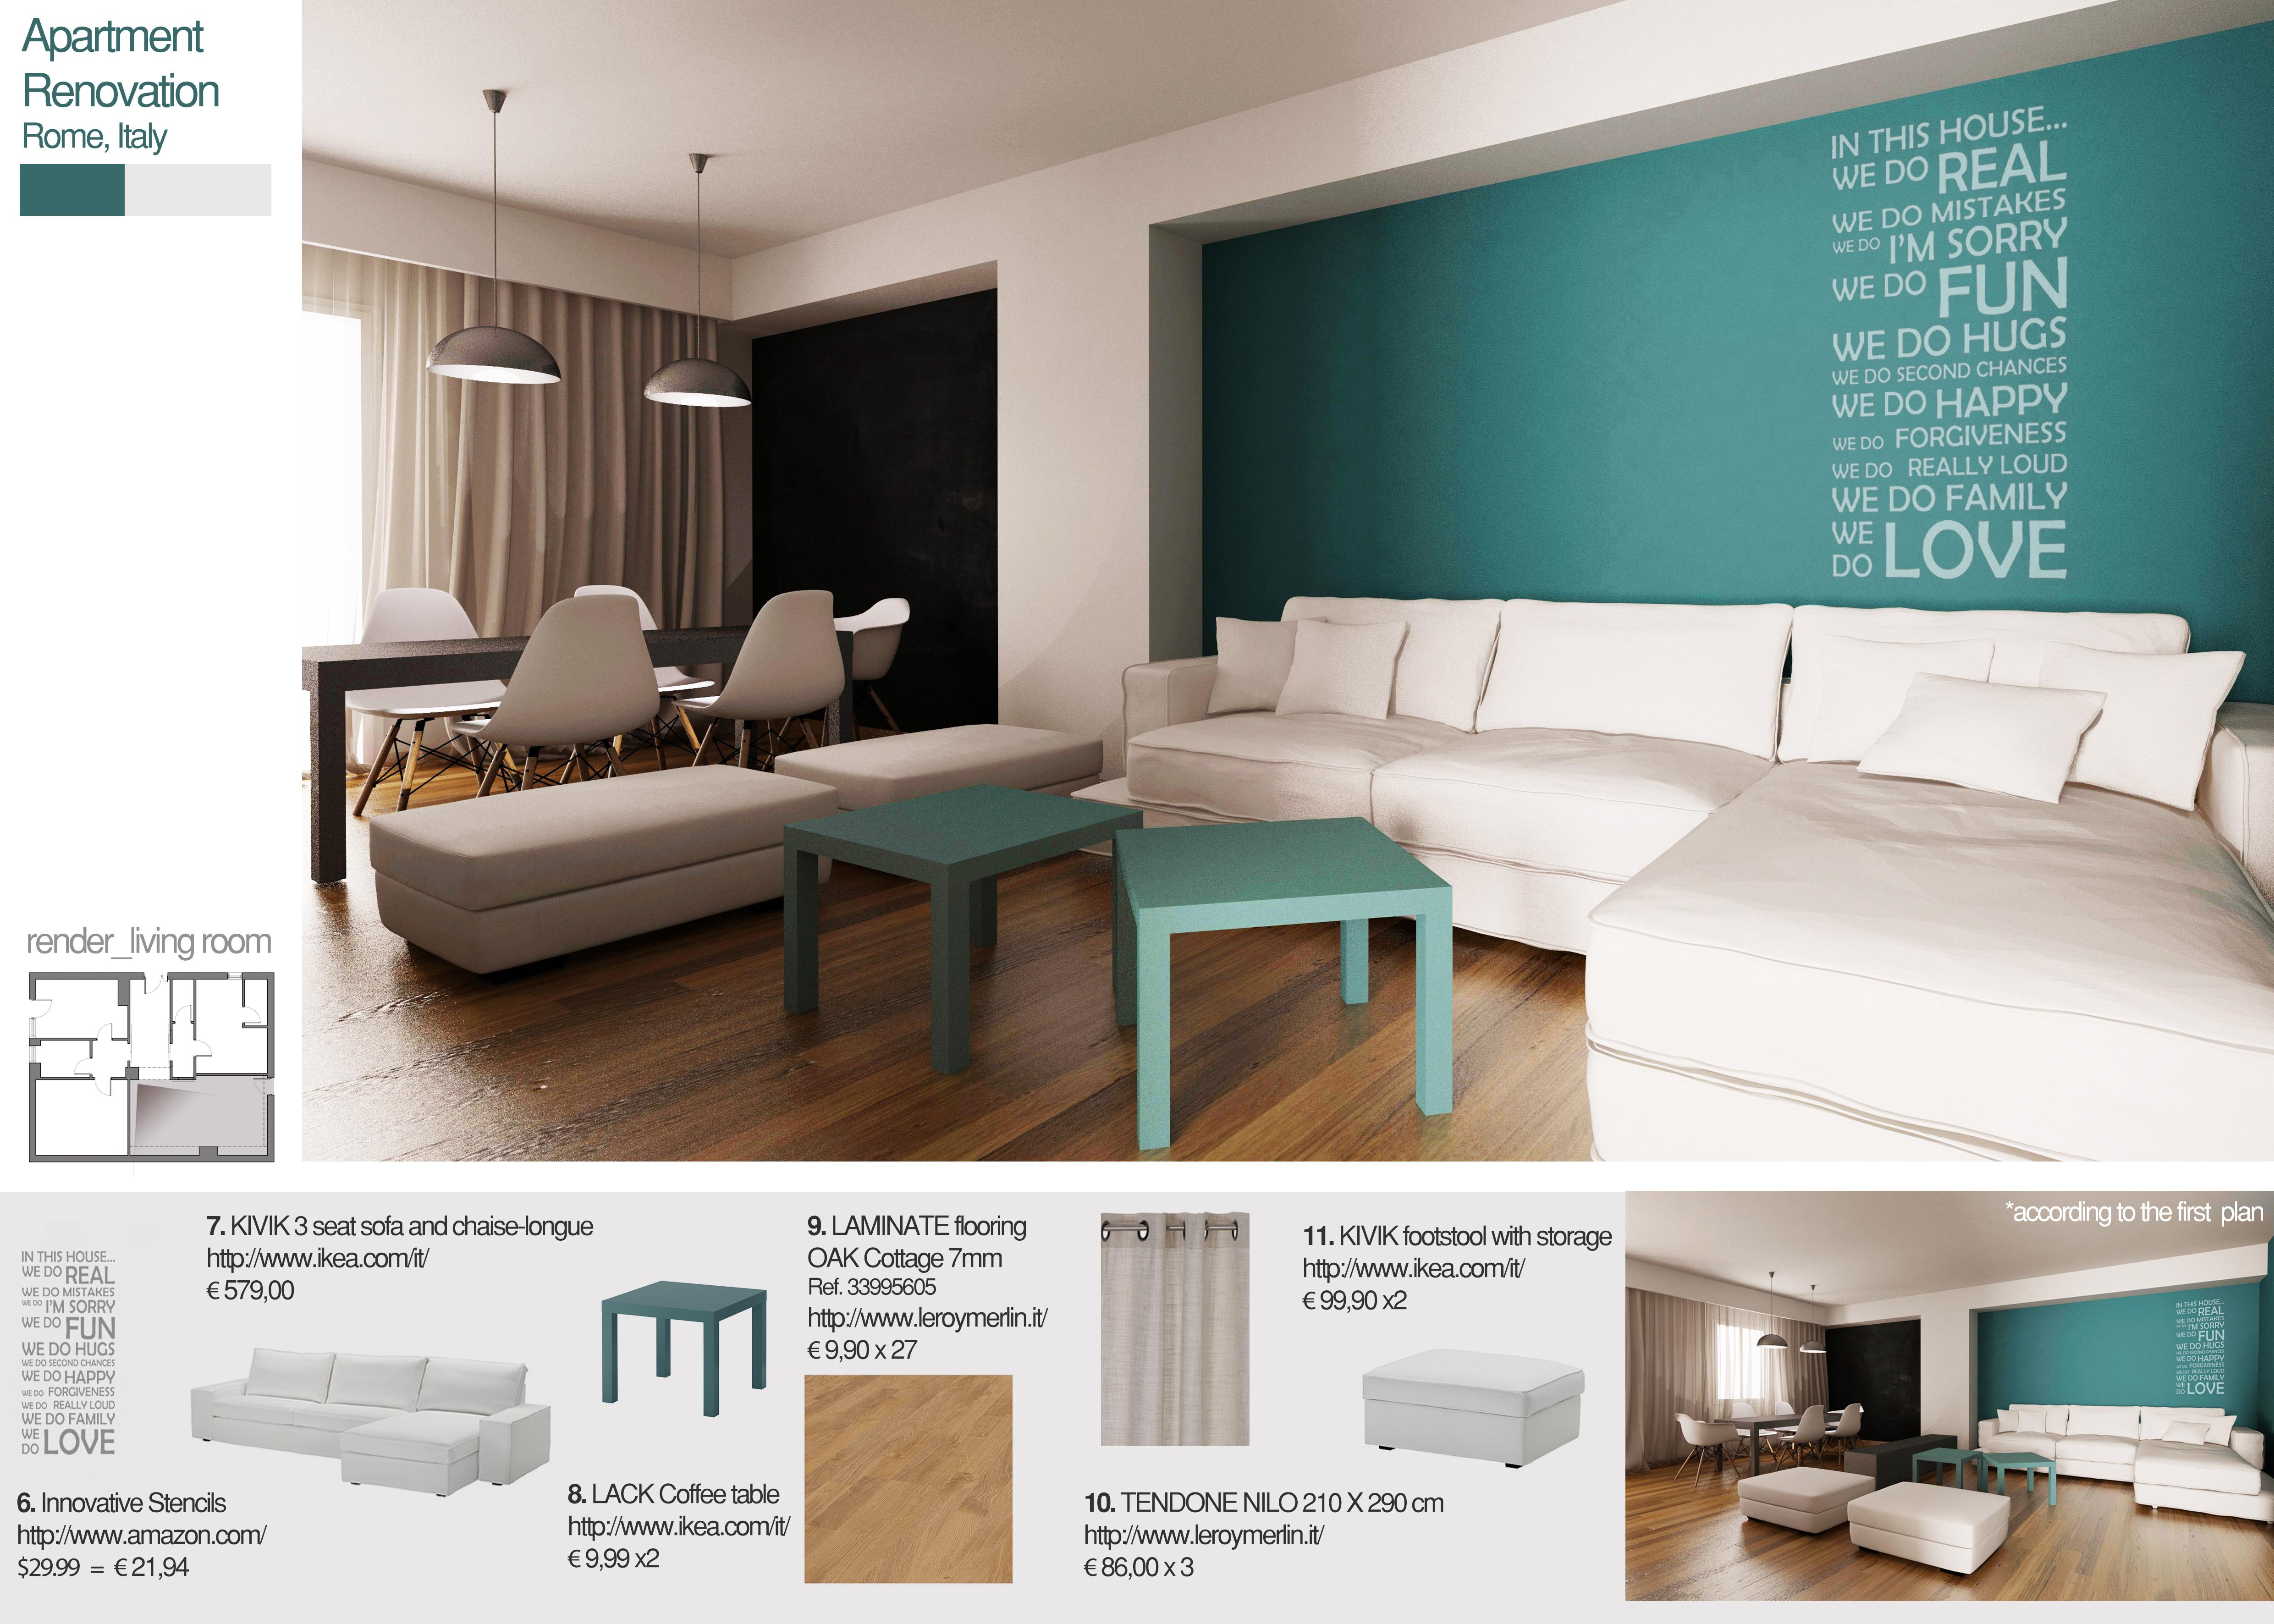 Idee Per Rinnovare L Ufficio : 6 idee per rinnovare casa e venderla più facilmente fotogallery